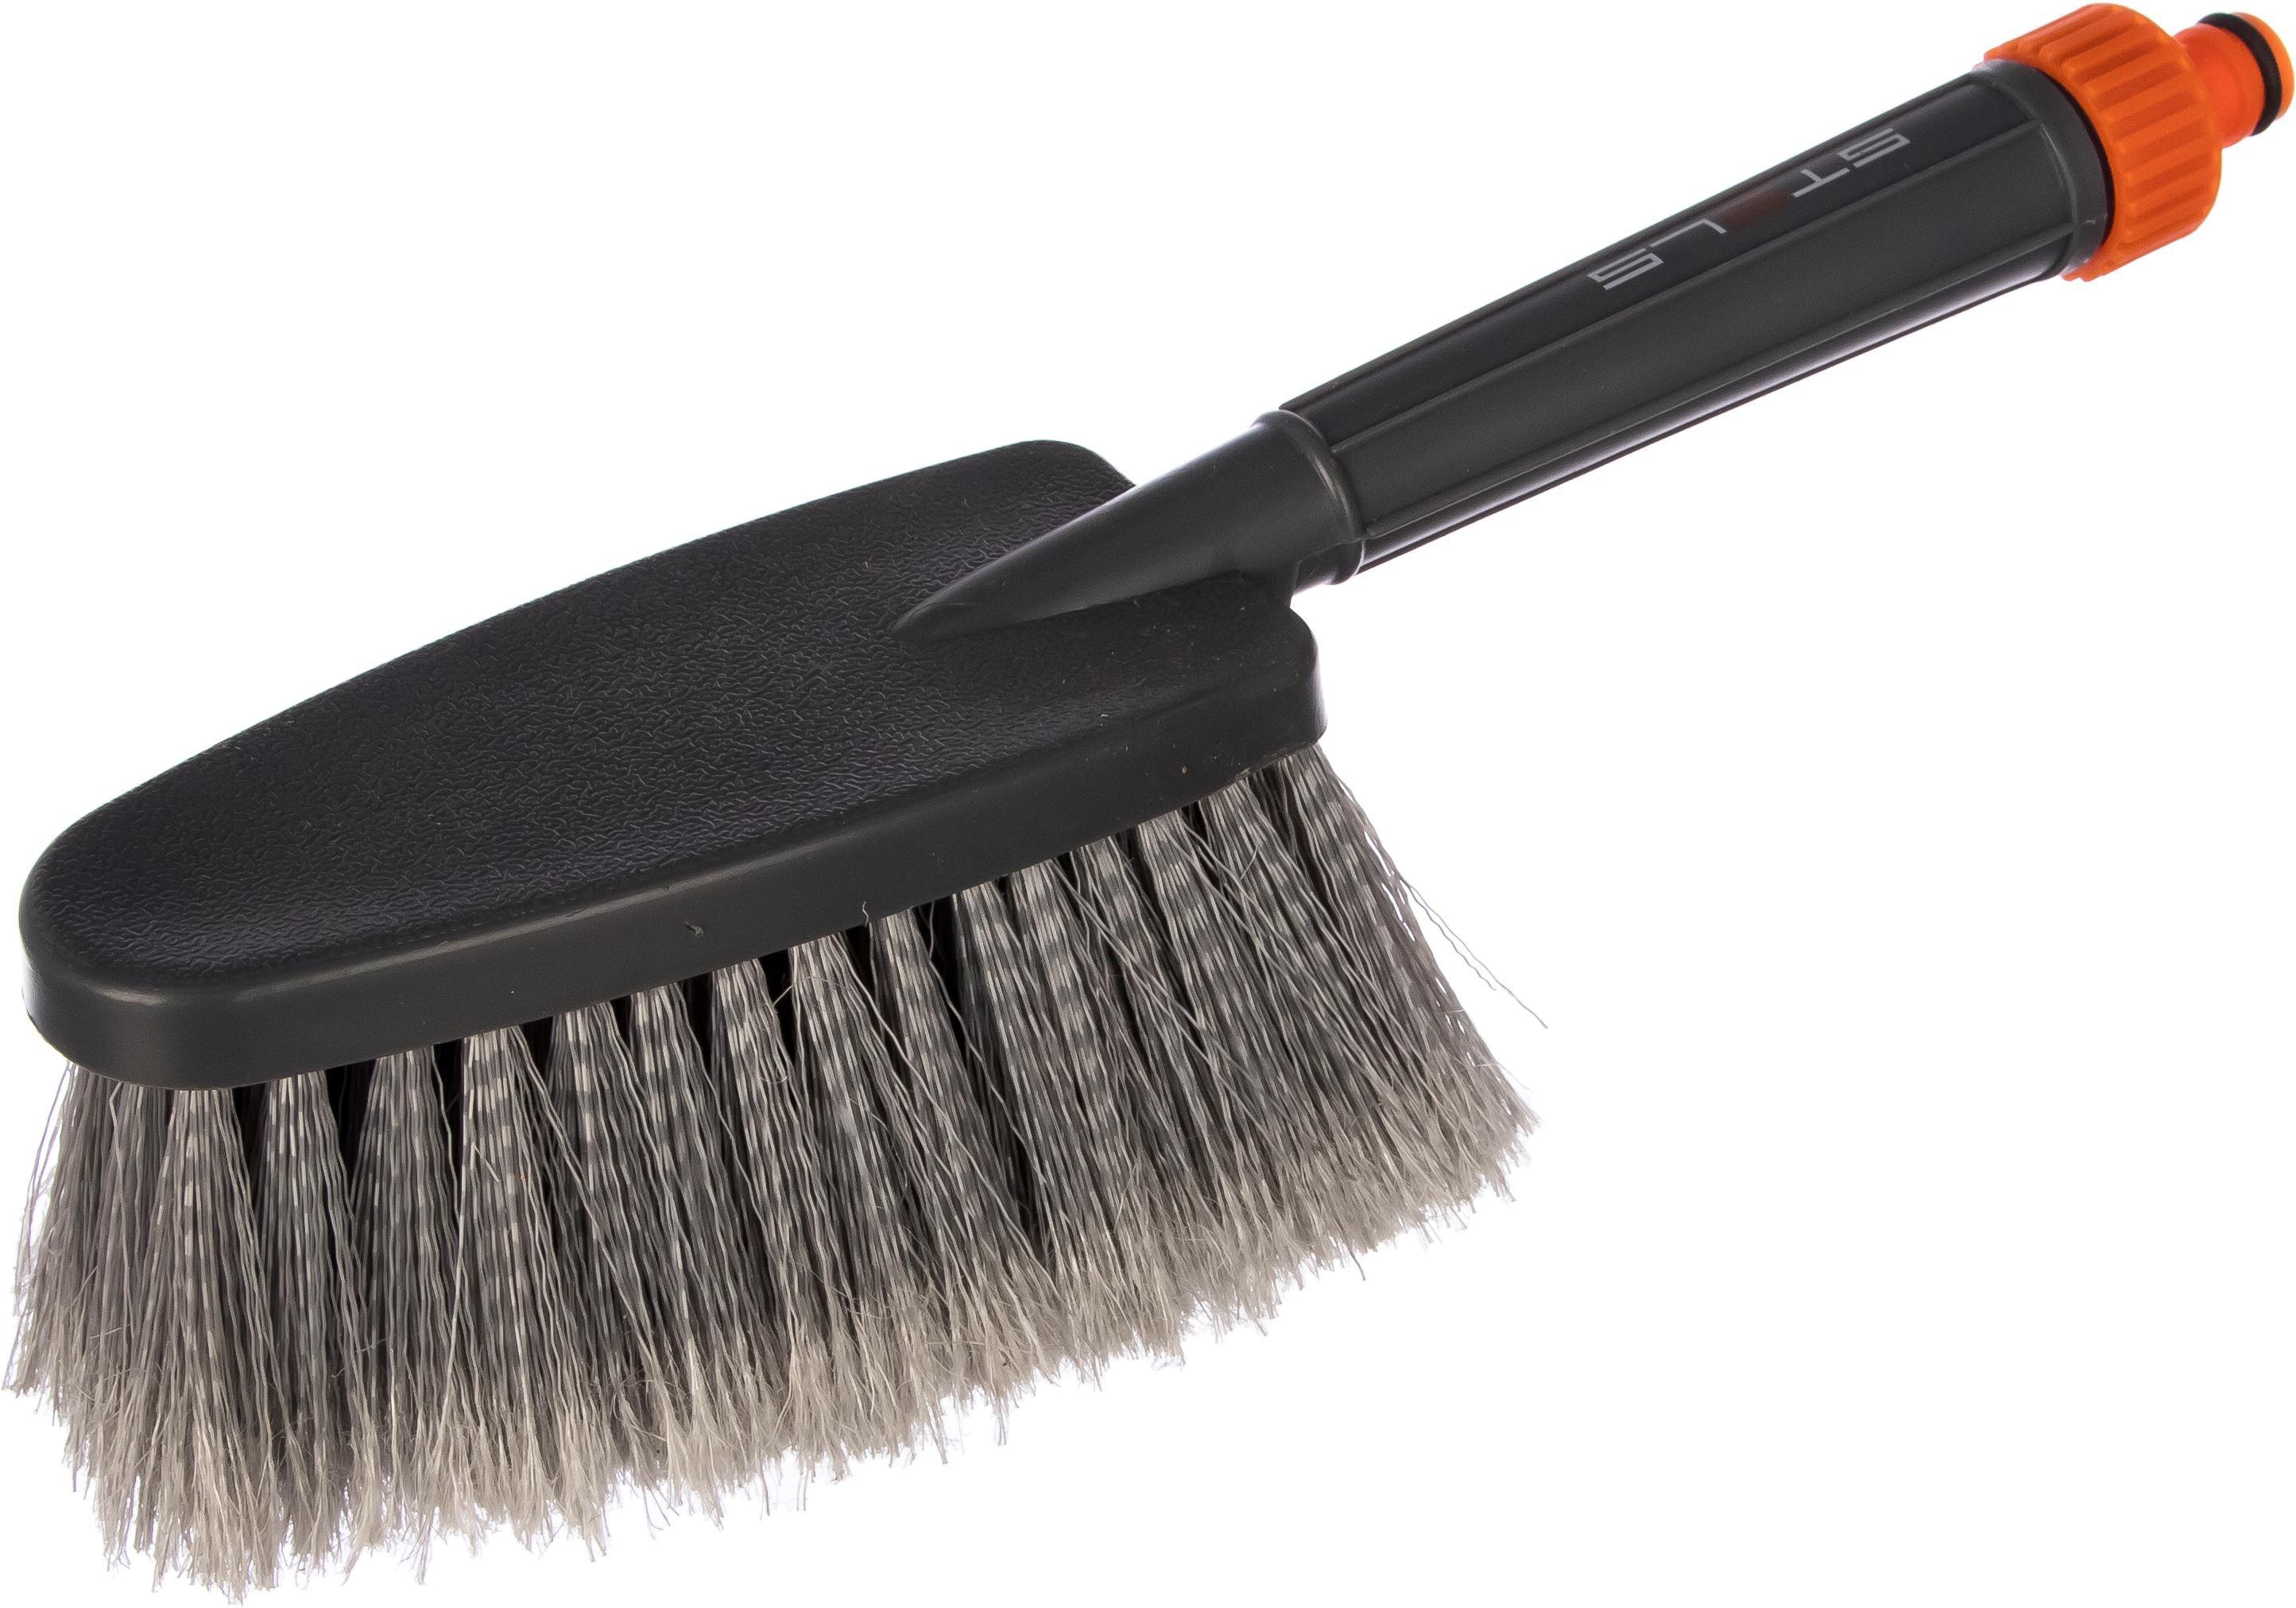 Щётка Stels 55222 щетка для мытья автомобиля с подачей воды stels 55222